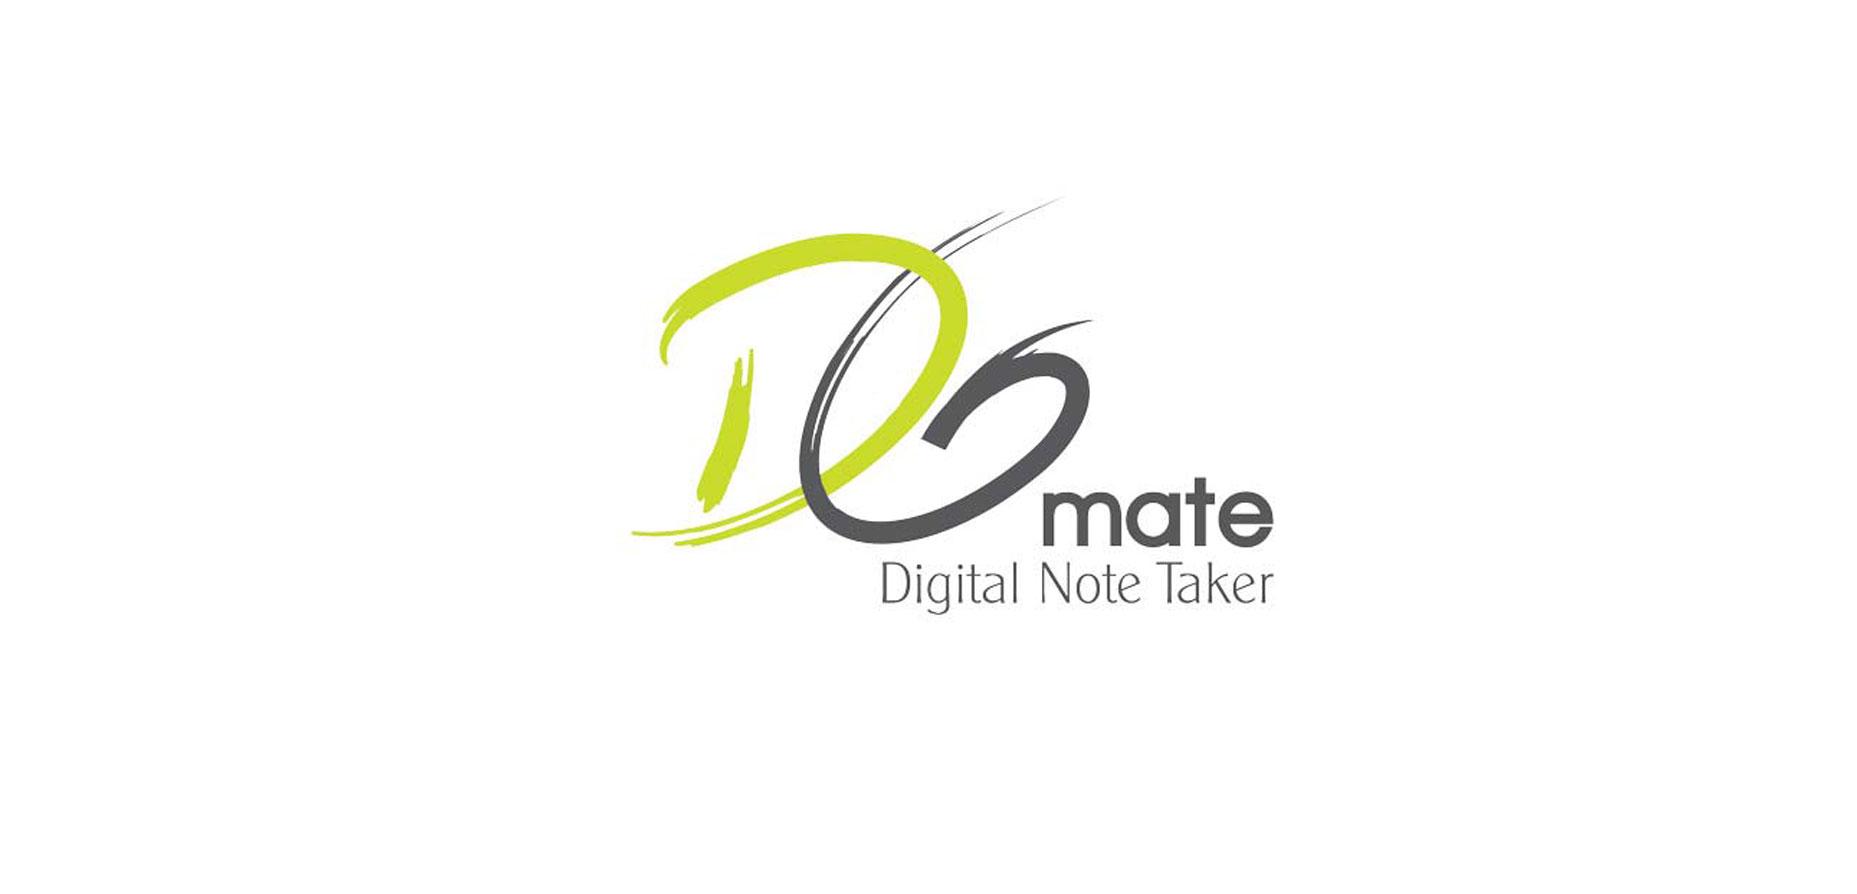 خدمات > طراحی گرافیک > طراحی لوگو و آرم   طراحی غرفه نمایشگاهیطراحی لوگو DG Mate